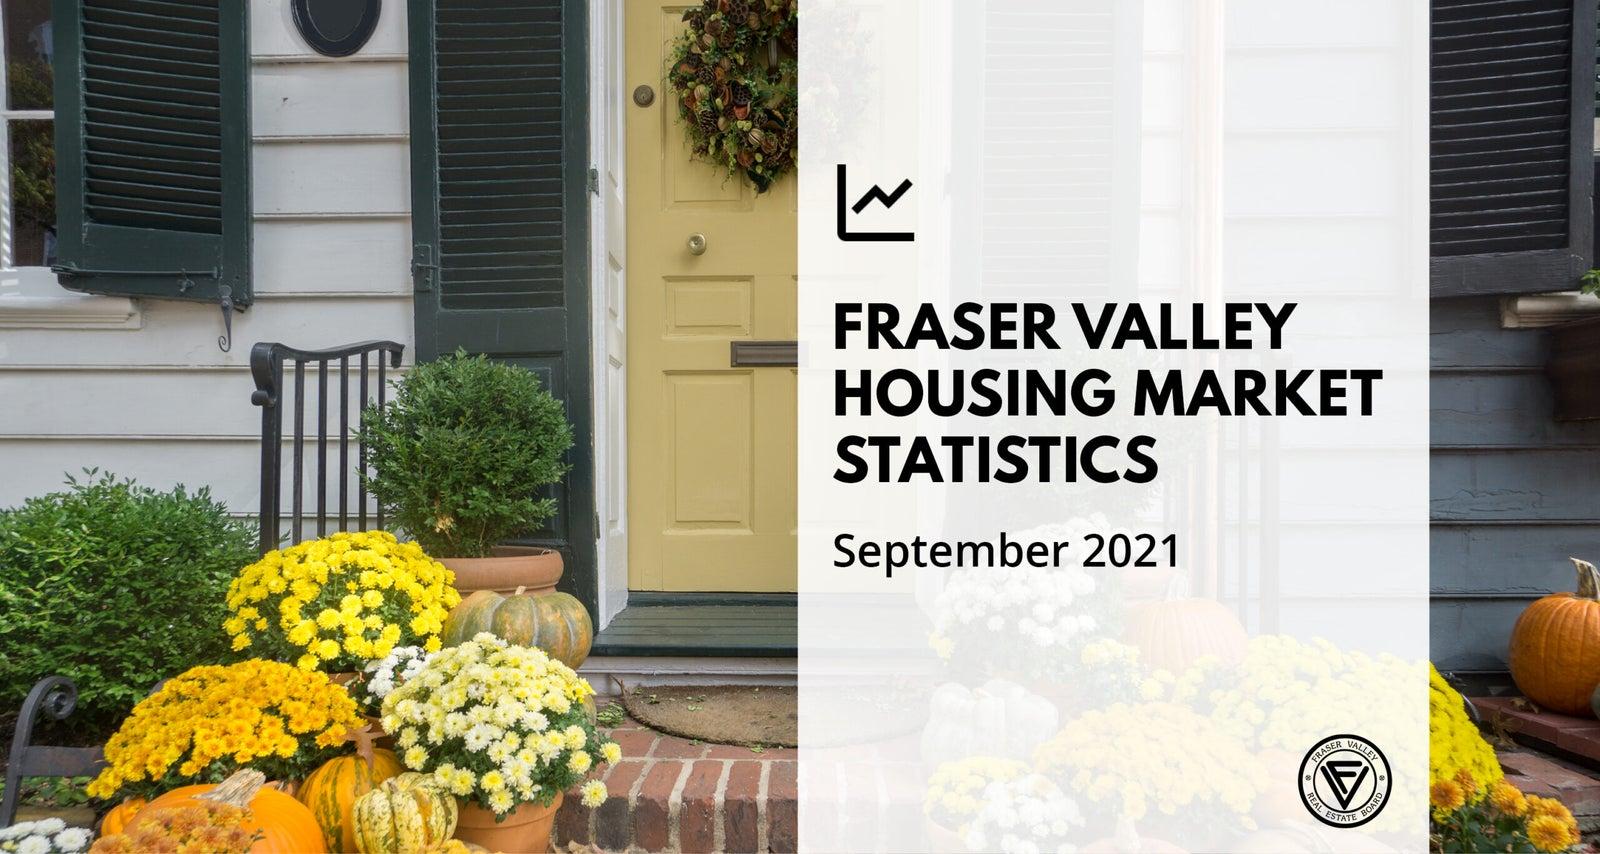 Fraser Valley Housing Market Statistics for September 2021